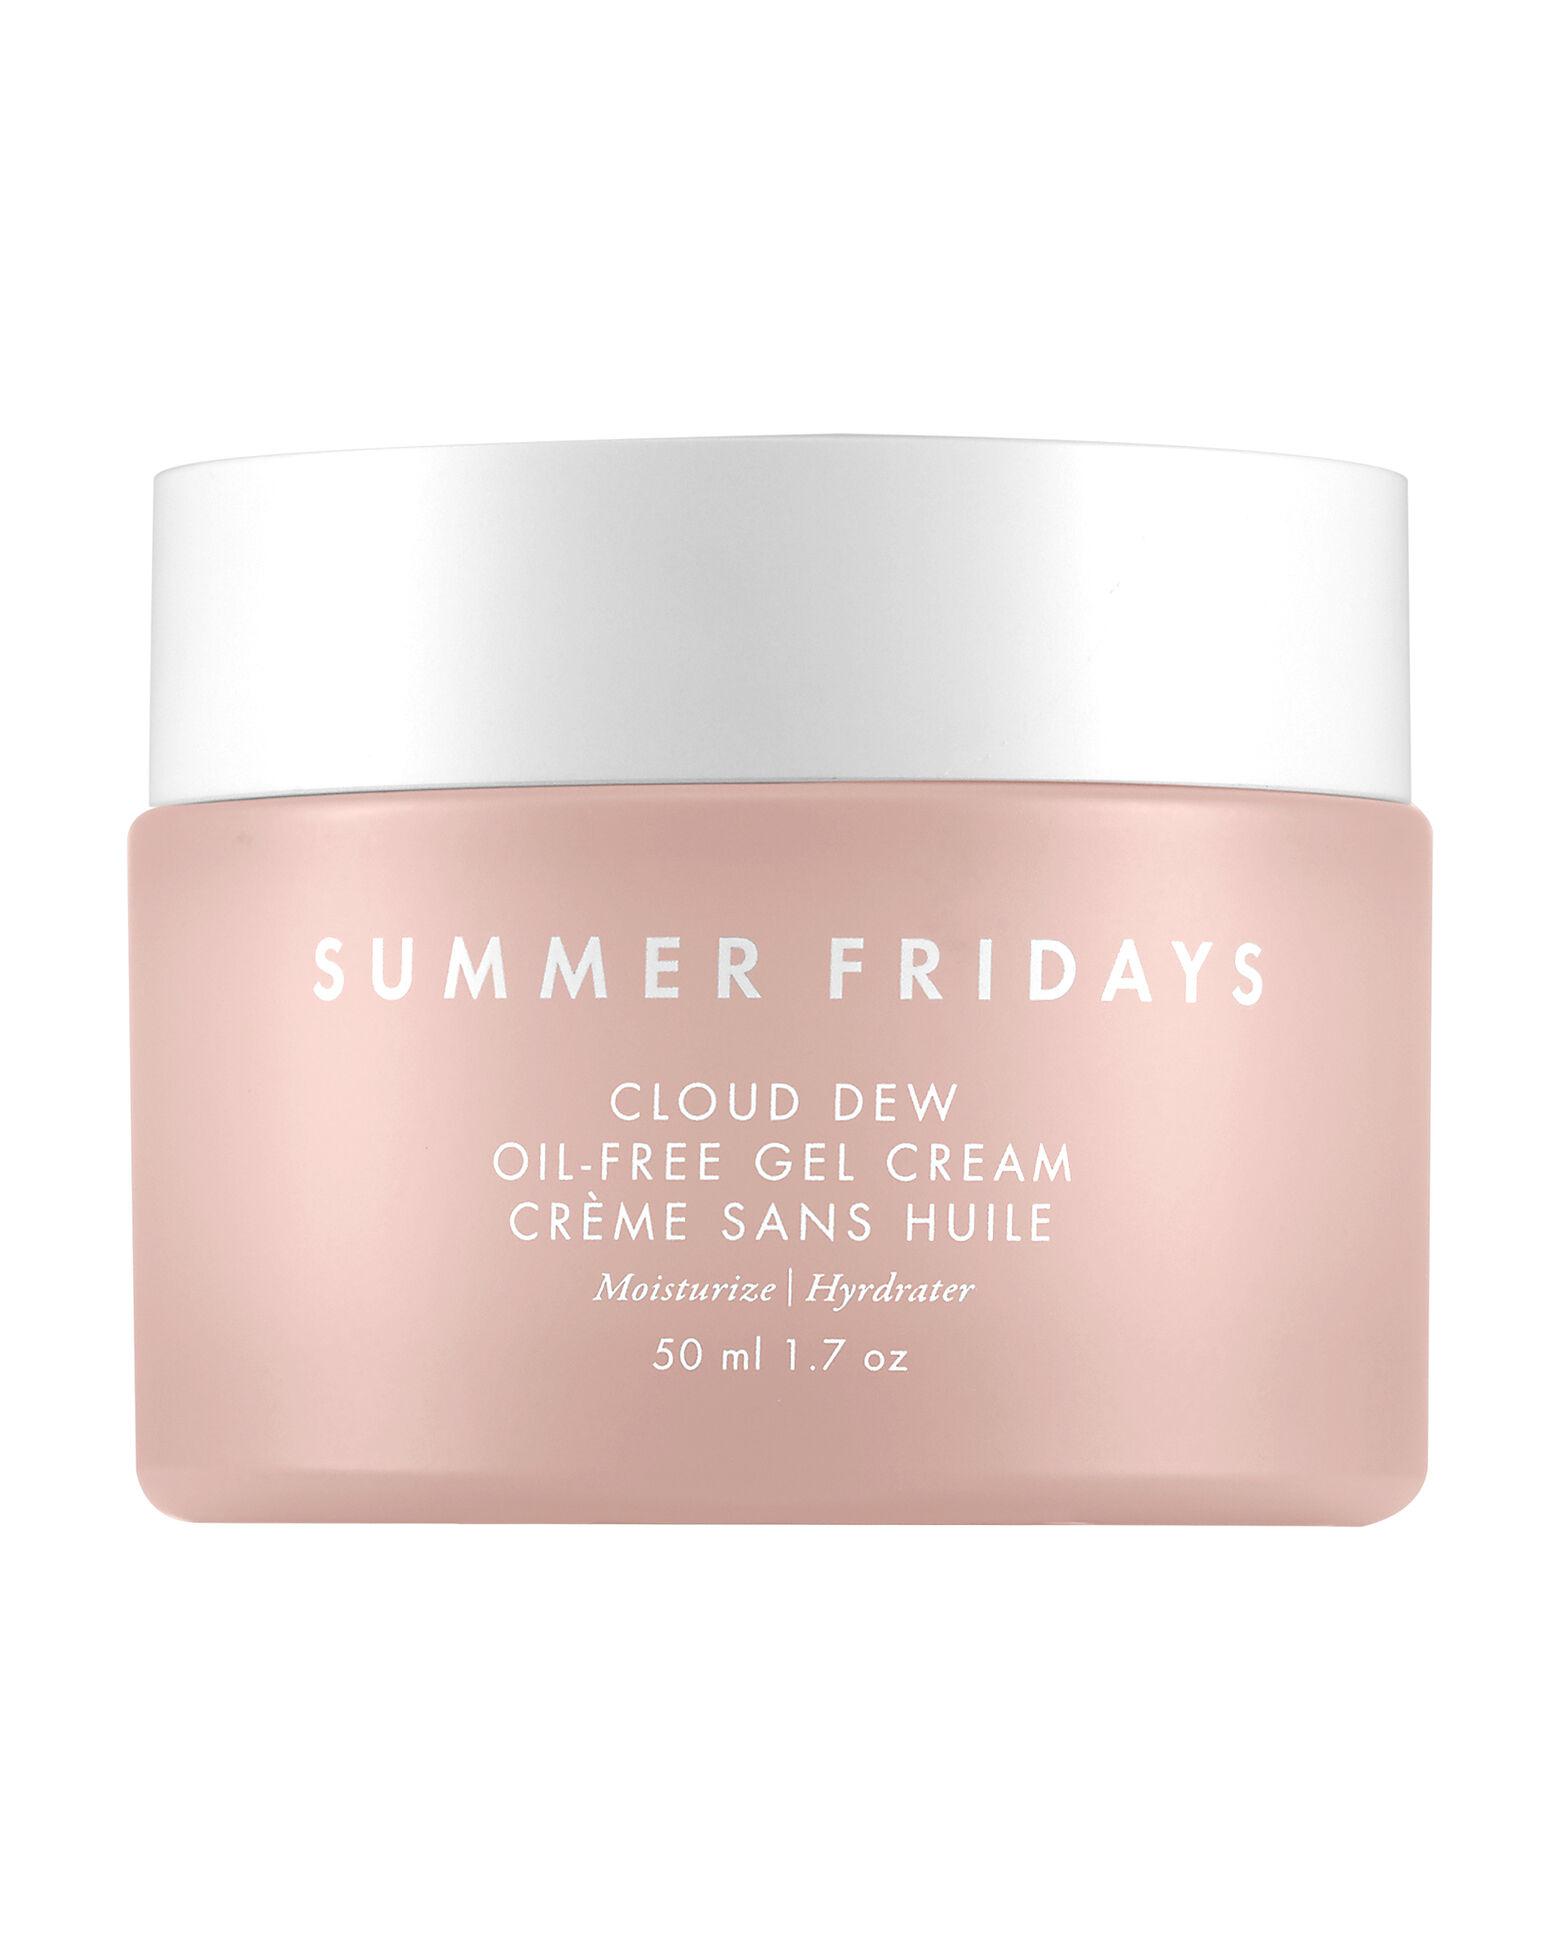 SUMMER FRIDAYS - Cloud Dew Oil-Free Gel Cream